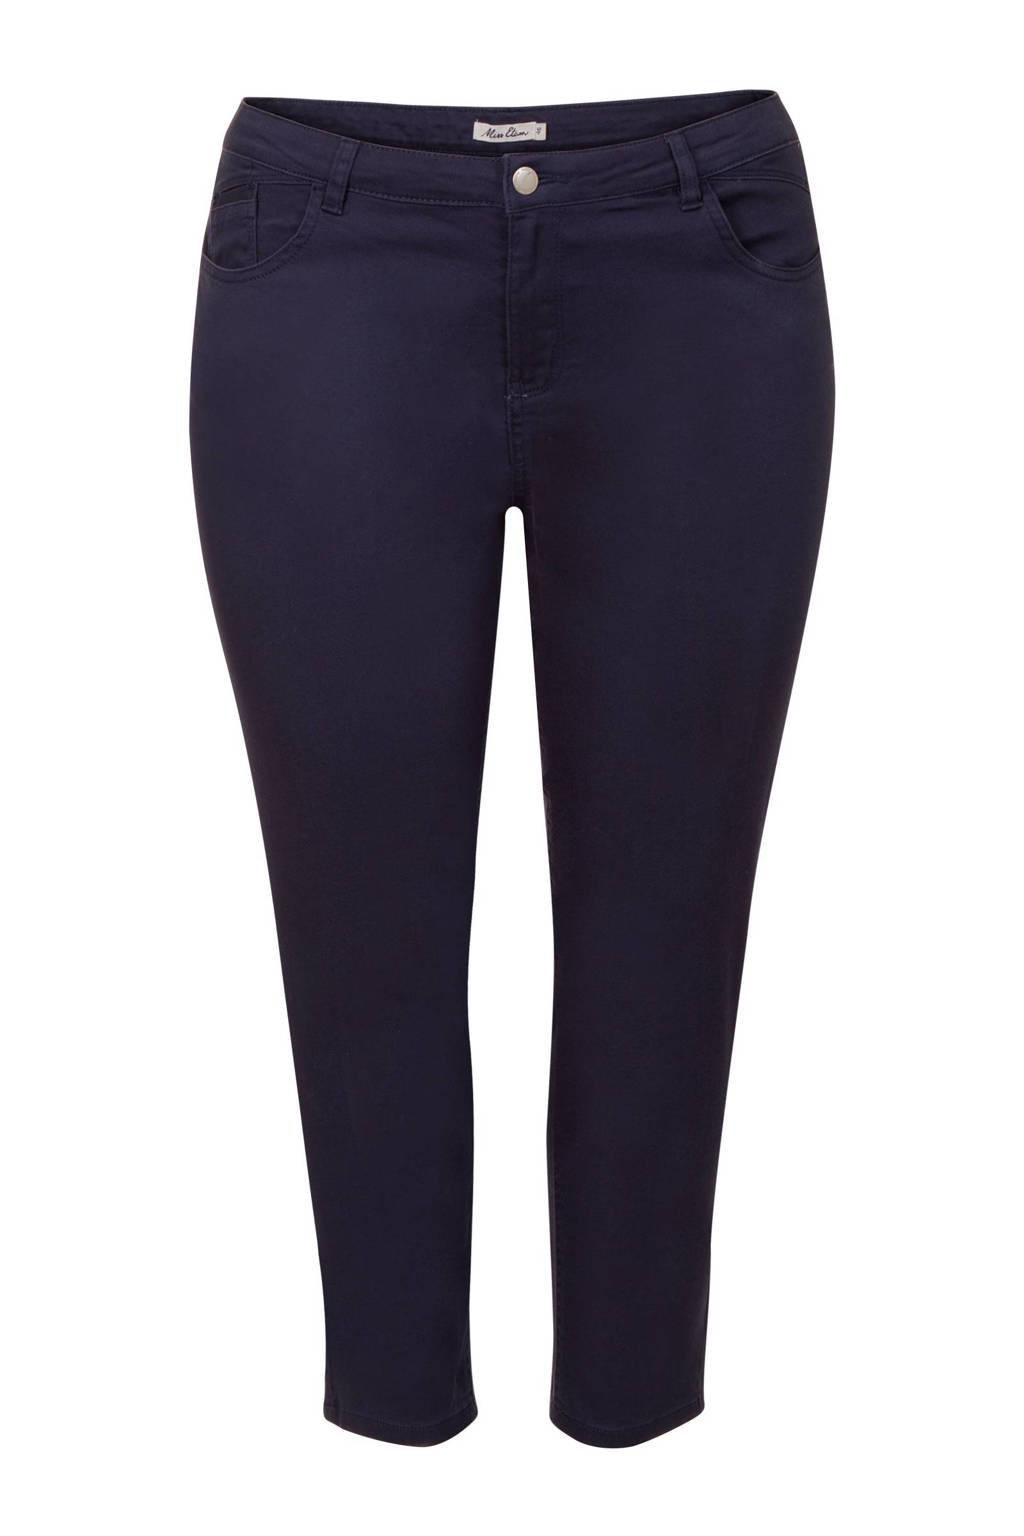 Miss Etam Plus cropped slim fit broek donkerblauw, Donkerblauw